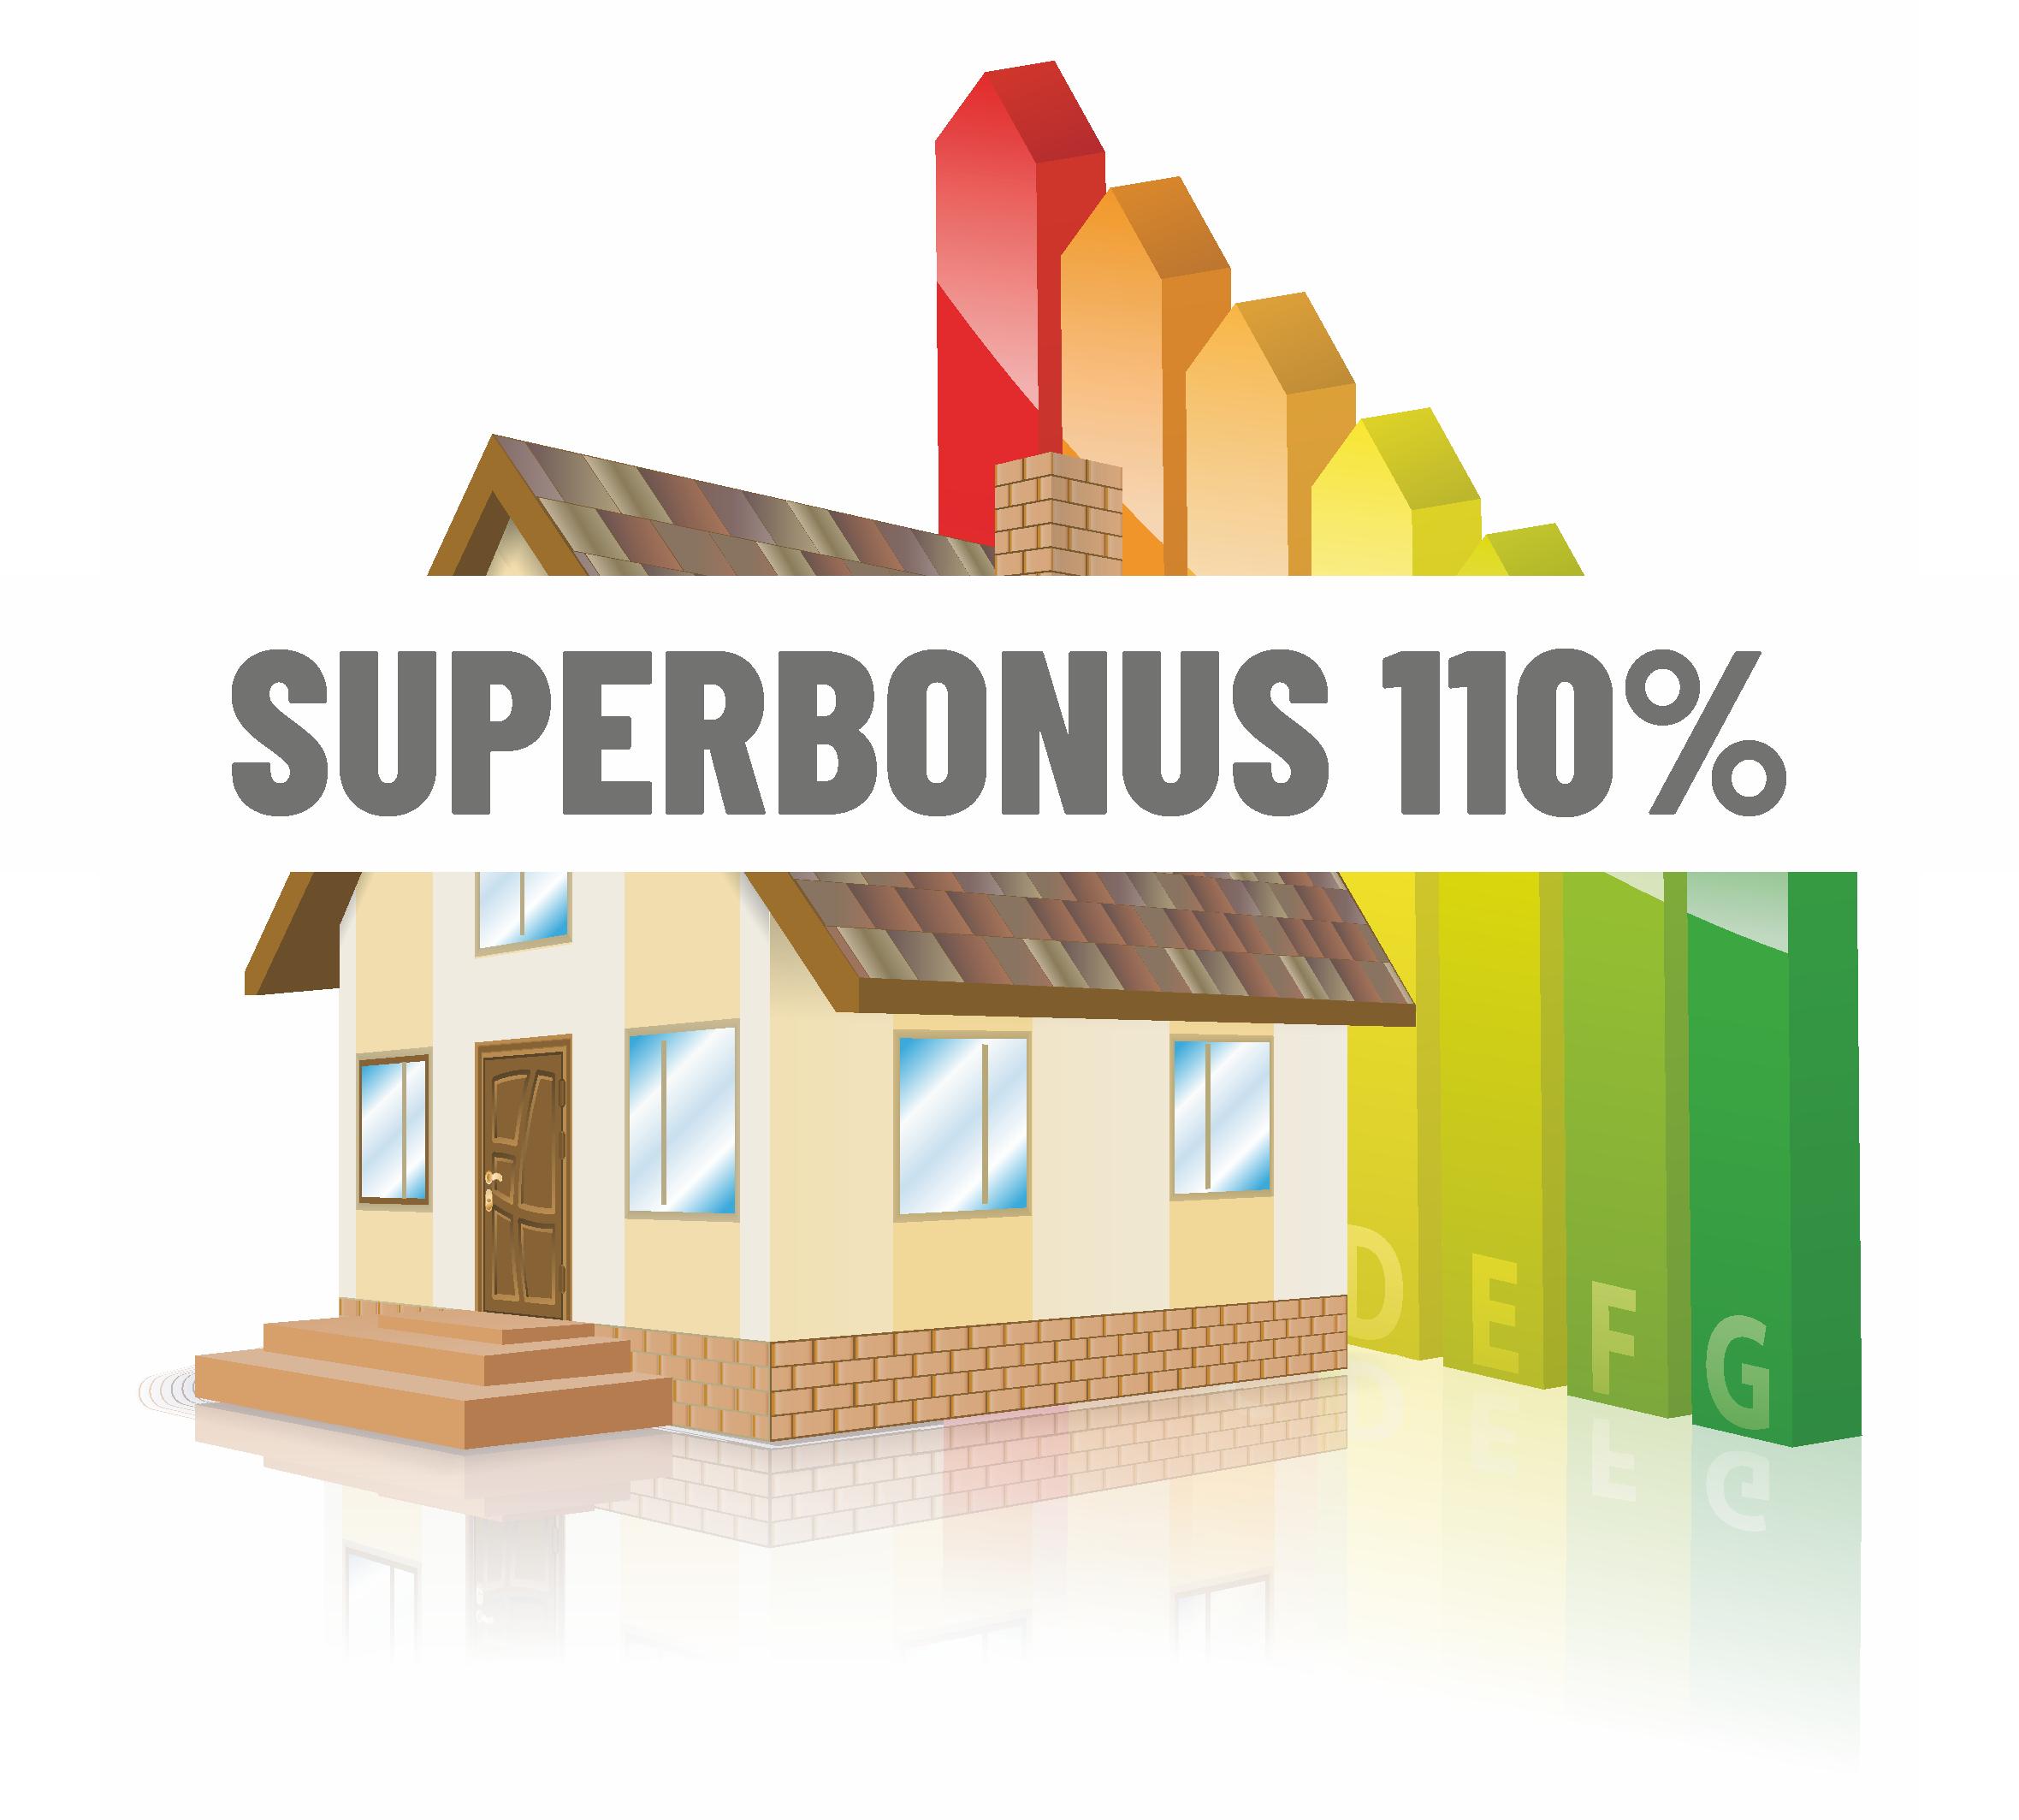 SUPERBONUS 110% La guida di OMNIA NOVITÀ Guide e consigli